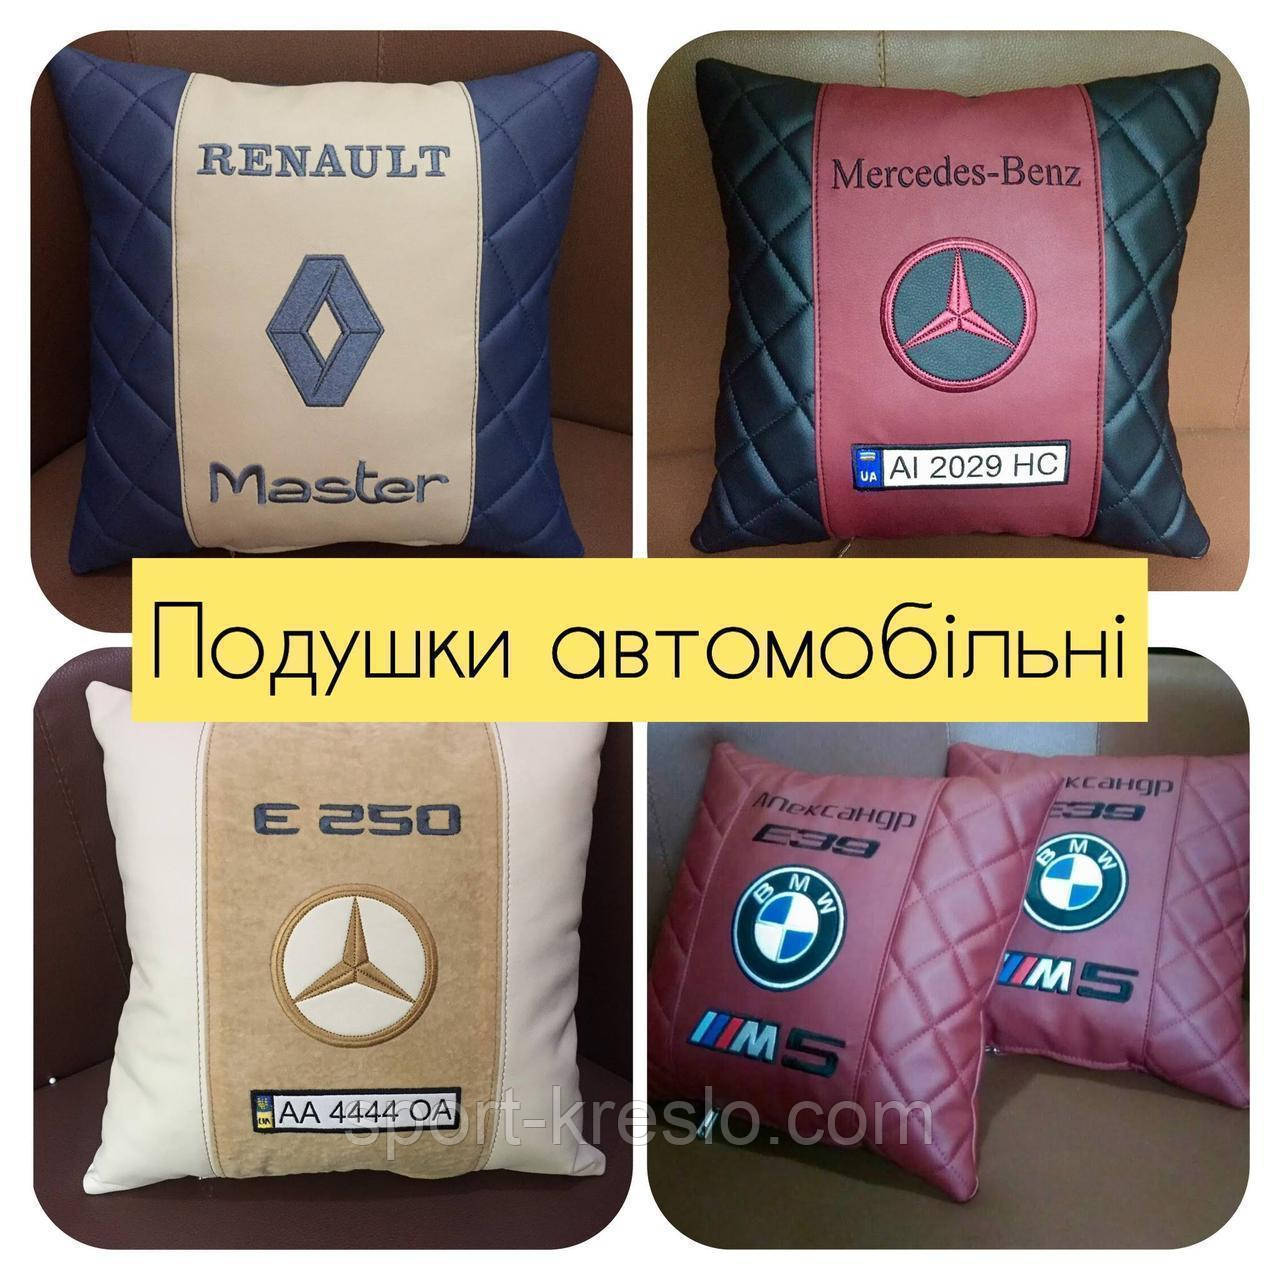 Подушка с логотипом в машину, госномером, подголовники в машину автомобильные